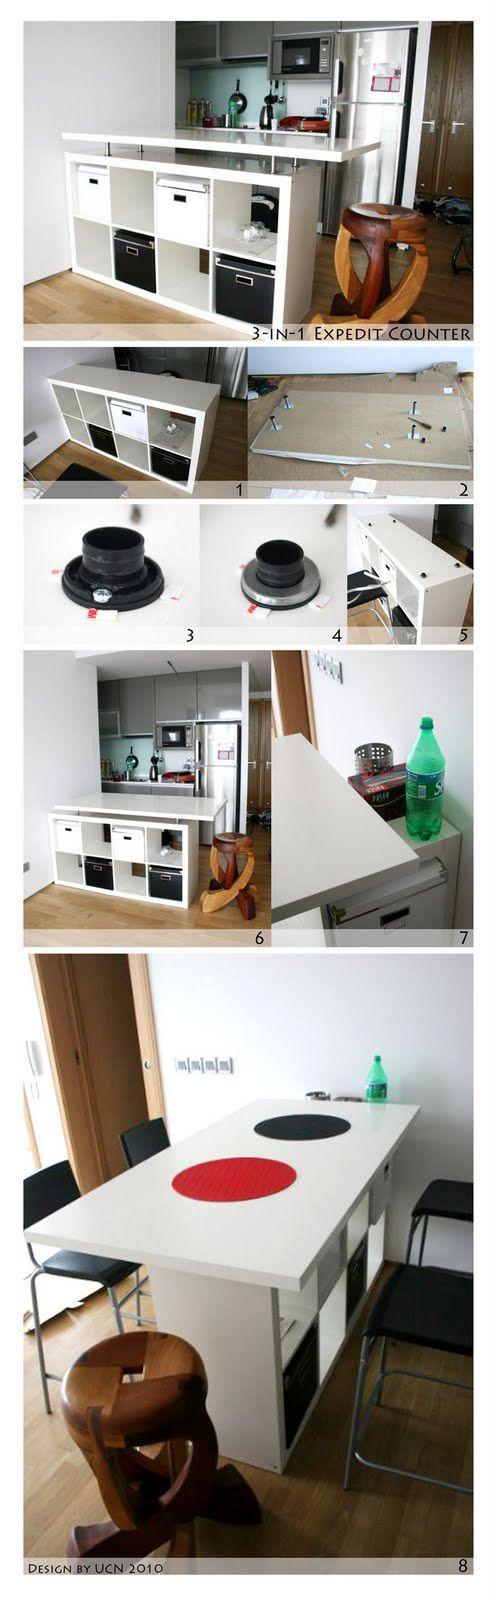 Utiliser Les Tag Res Ikea De Mani Re Originale 30 Id Es Pour Vous